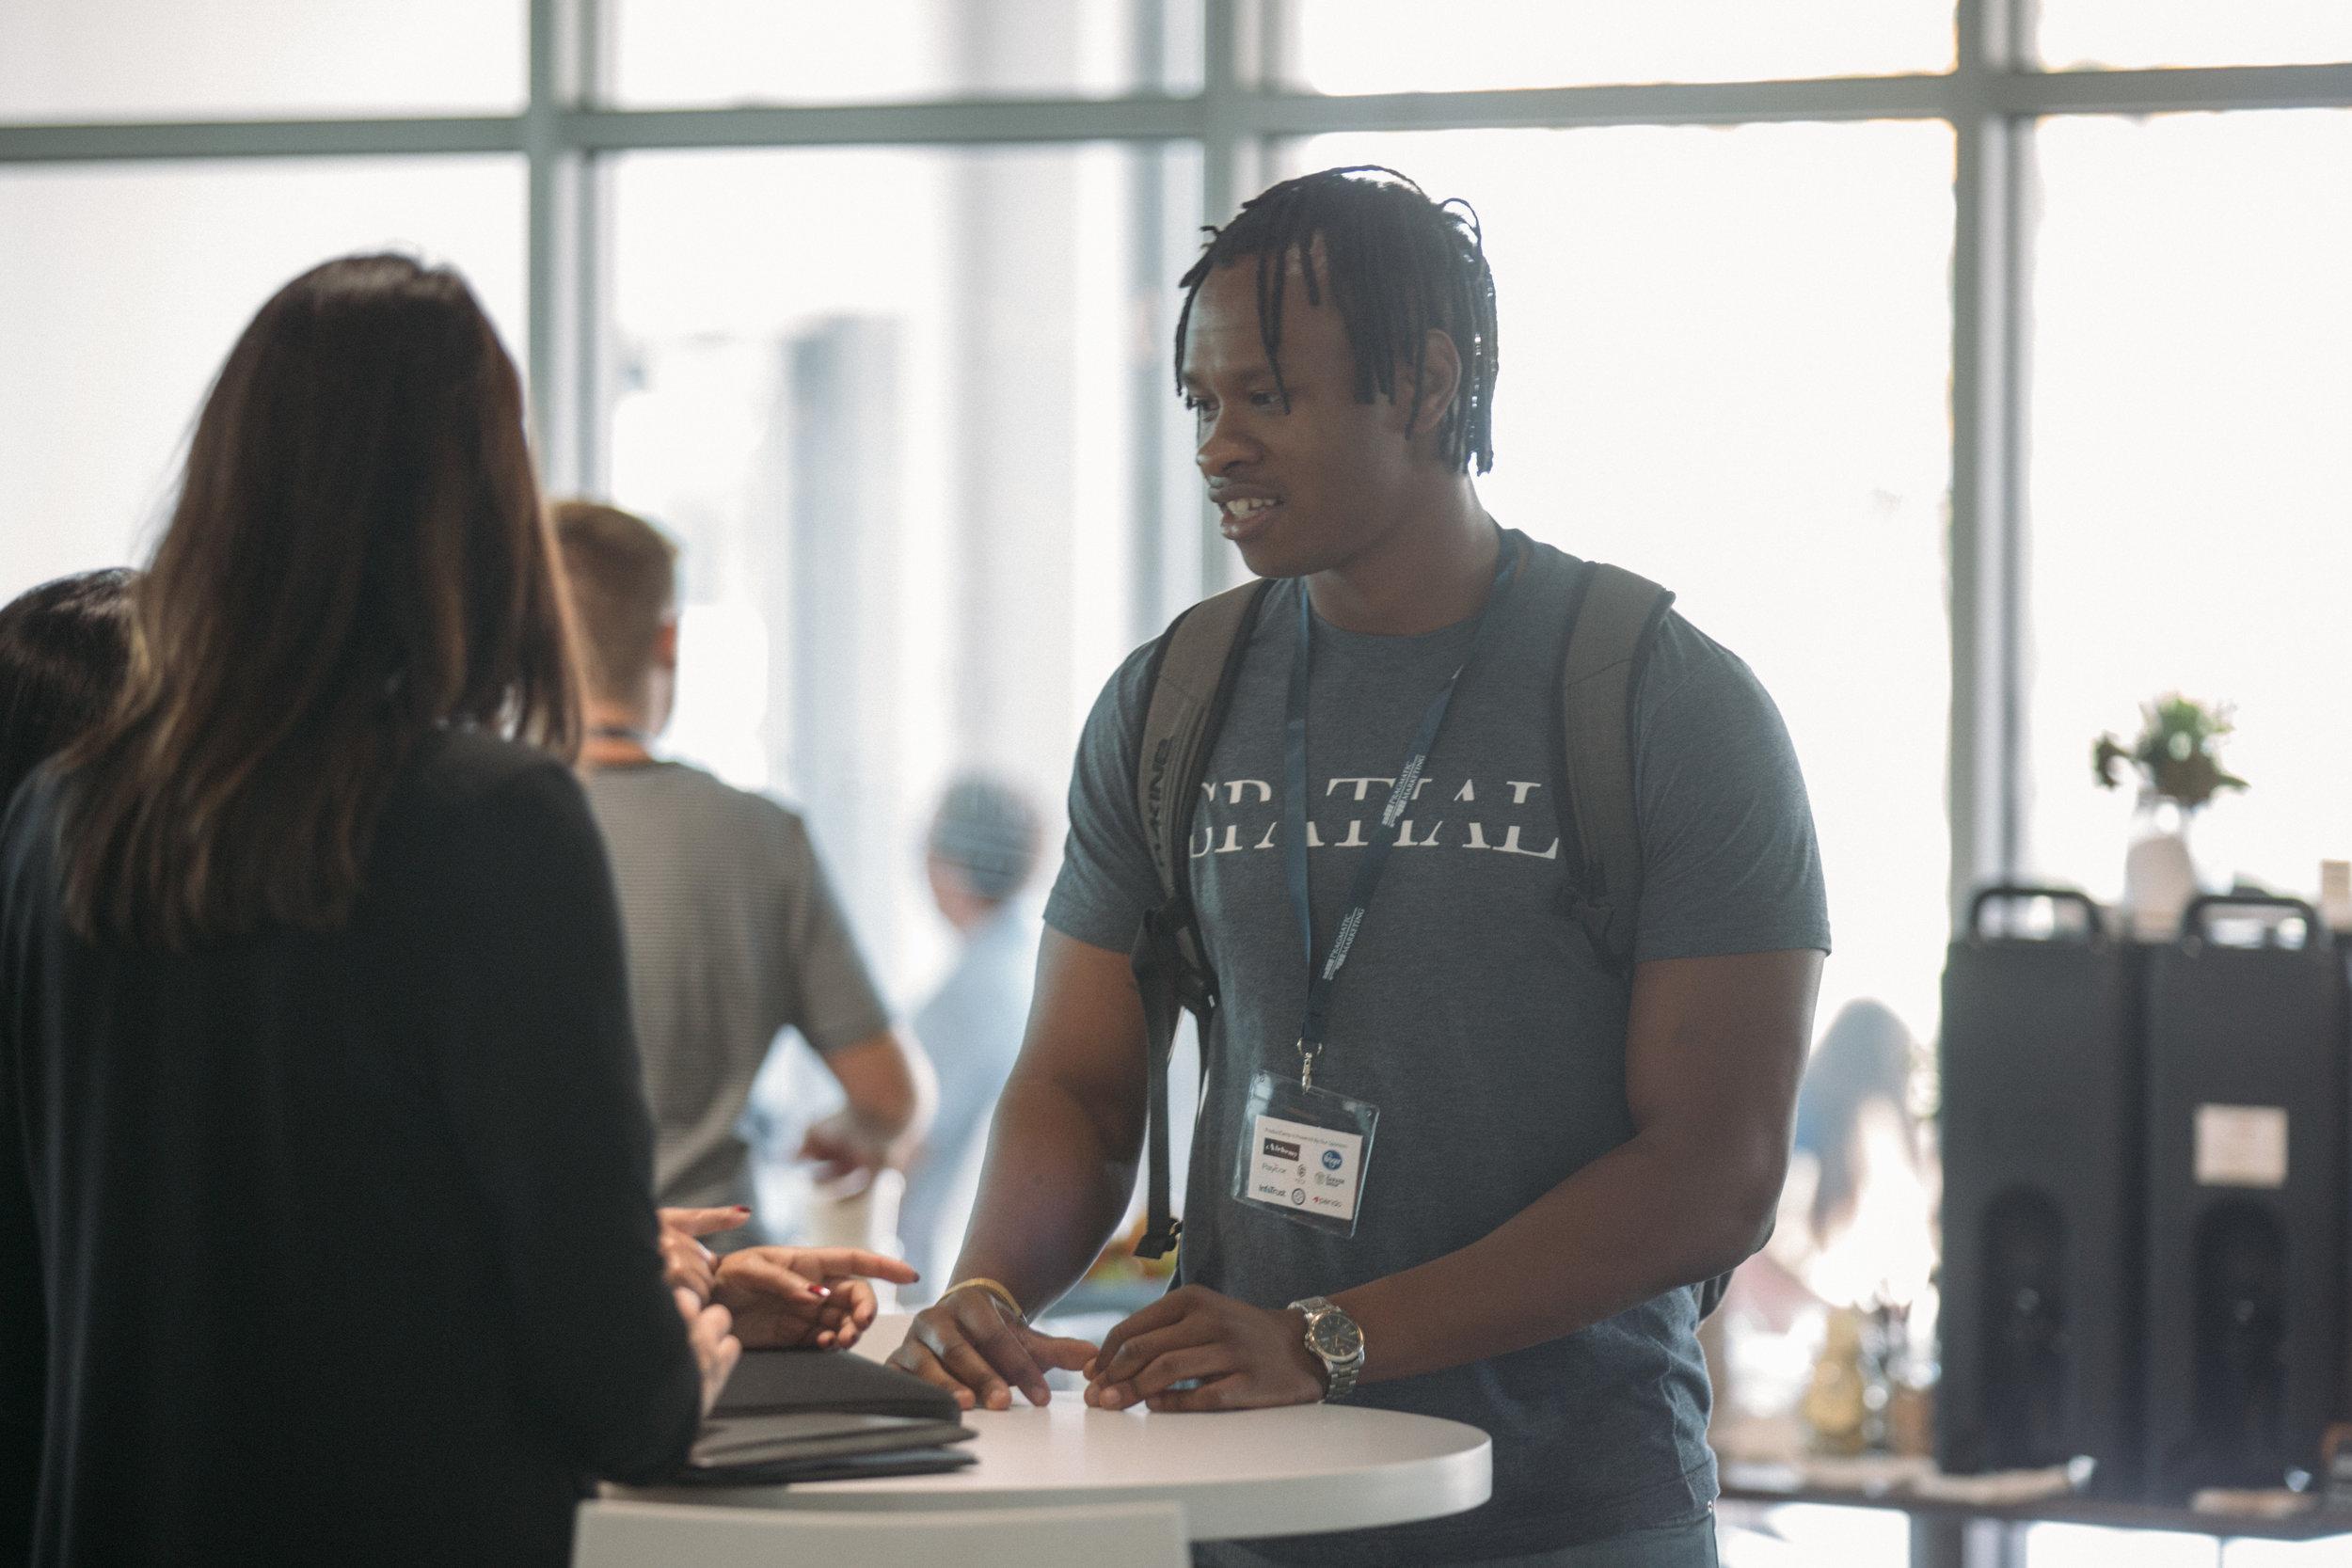 ProductCamp Cincinnati Networking 3.JPG